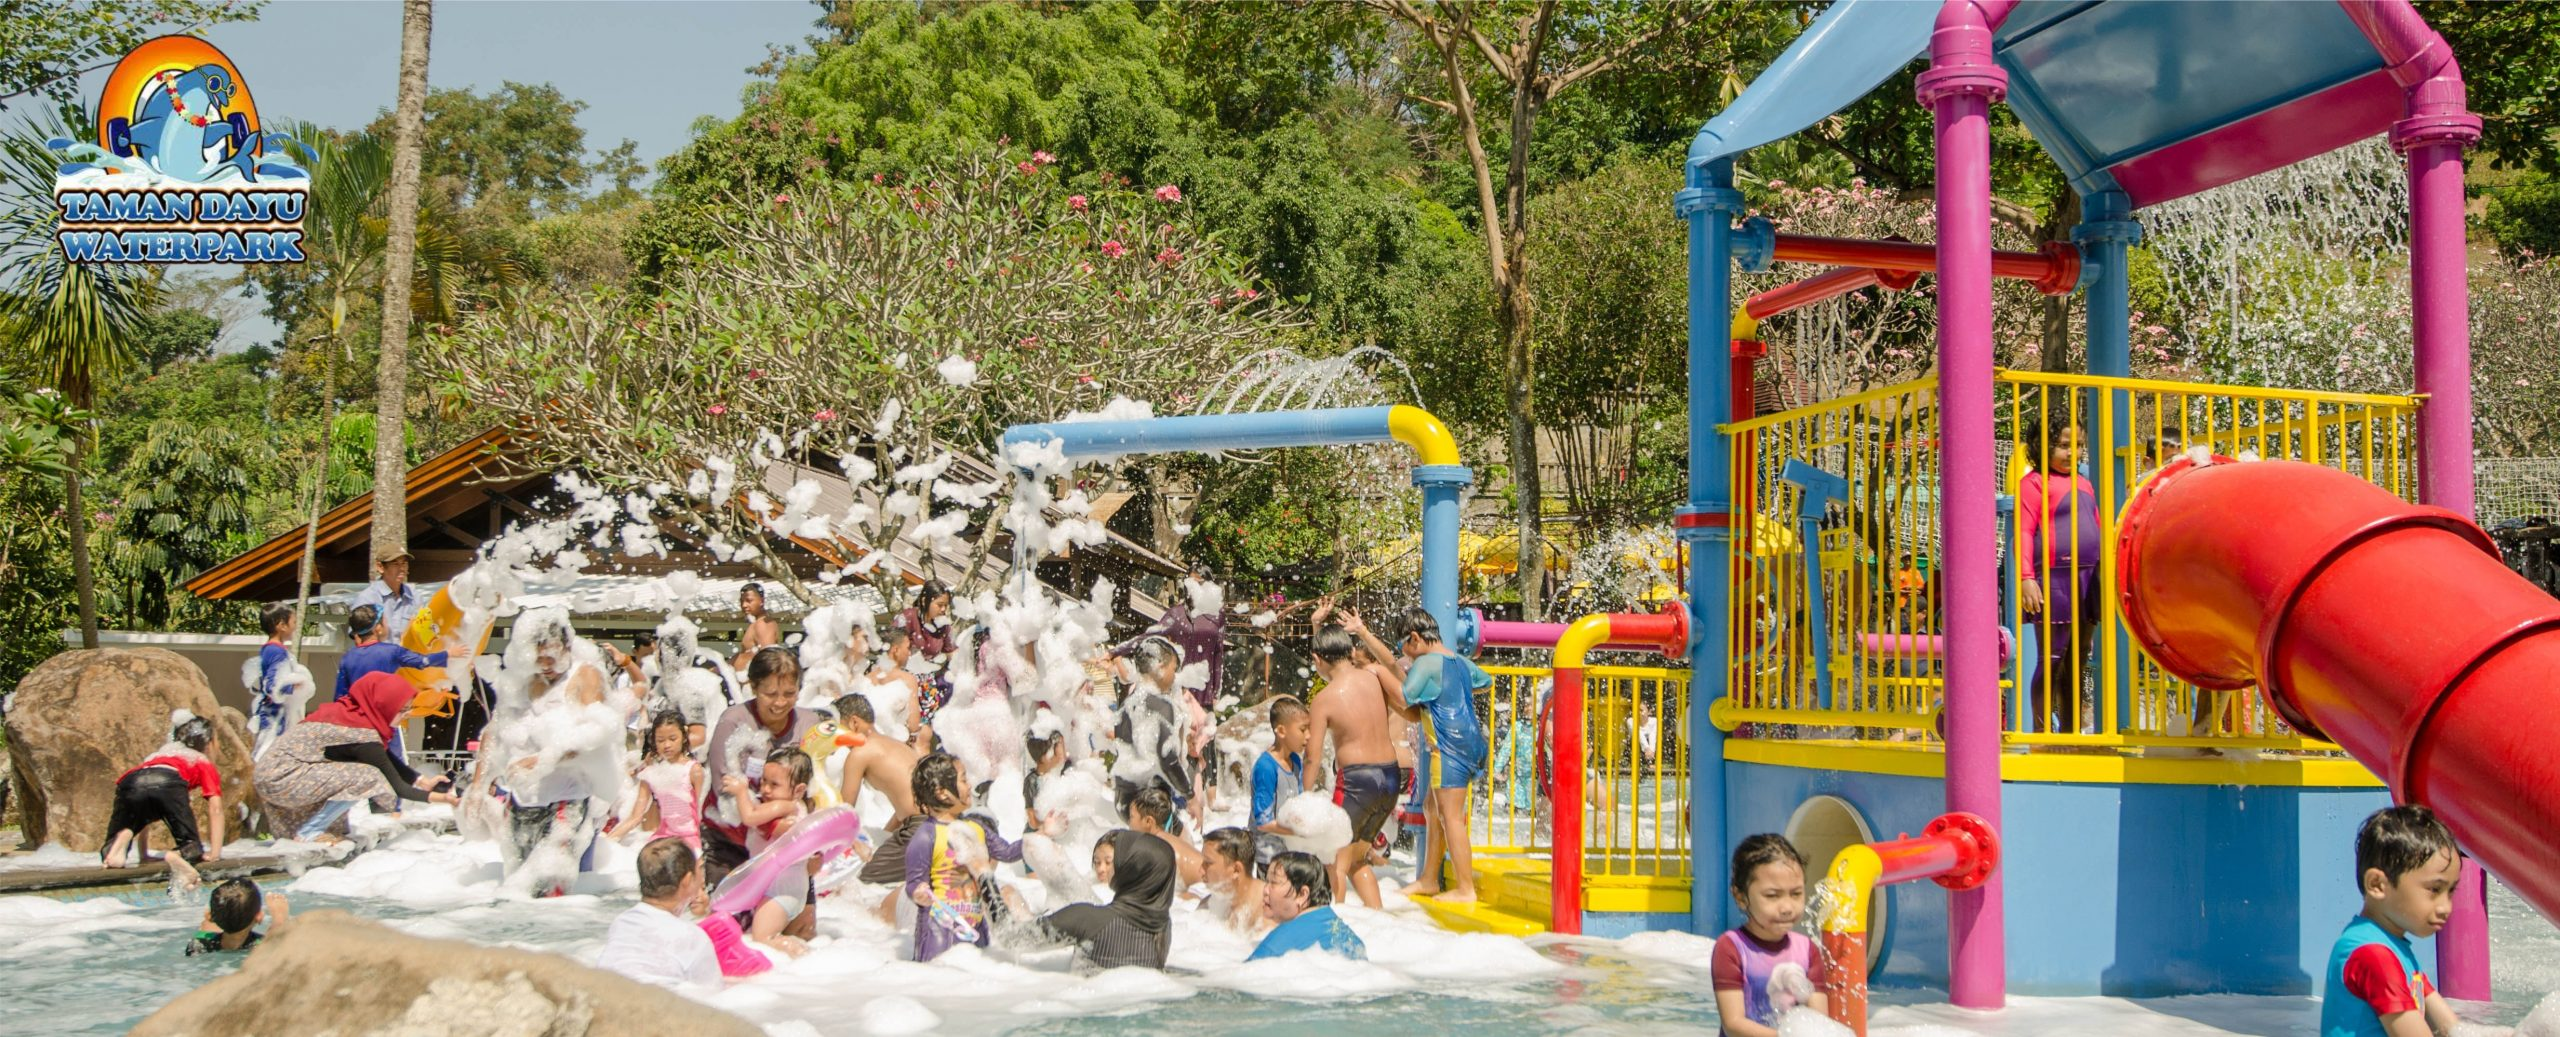 The Taman Dayu Waterpark